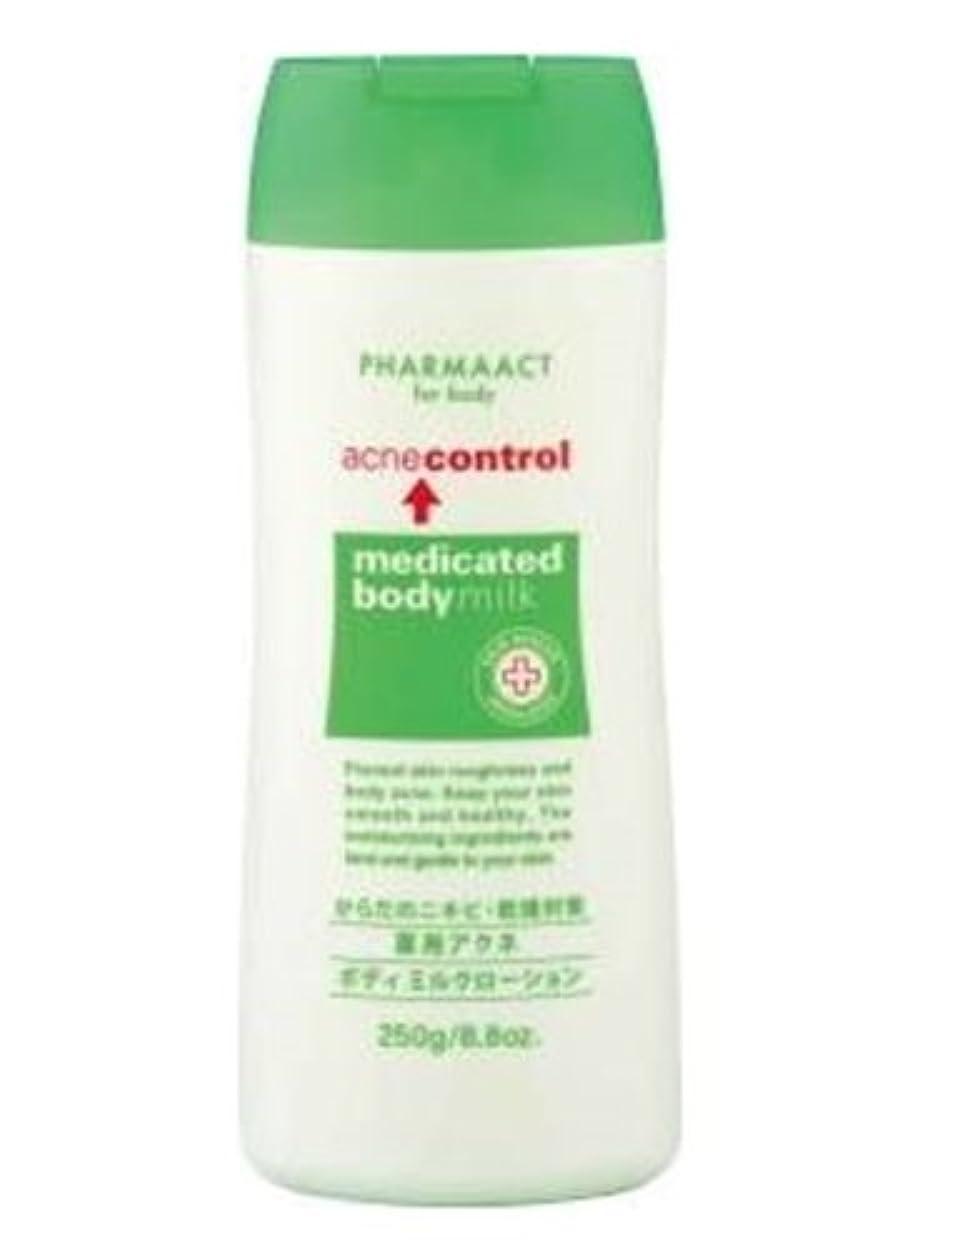 自慢上昇満足させる熊野油脂  ファーマアクト 薬用アクネボディミルクローション 250g